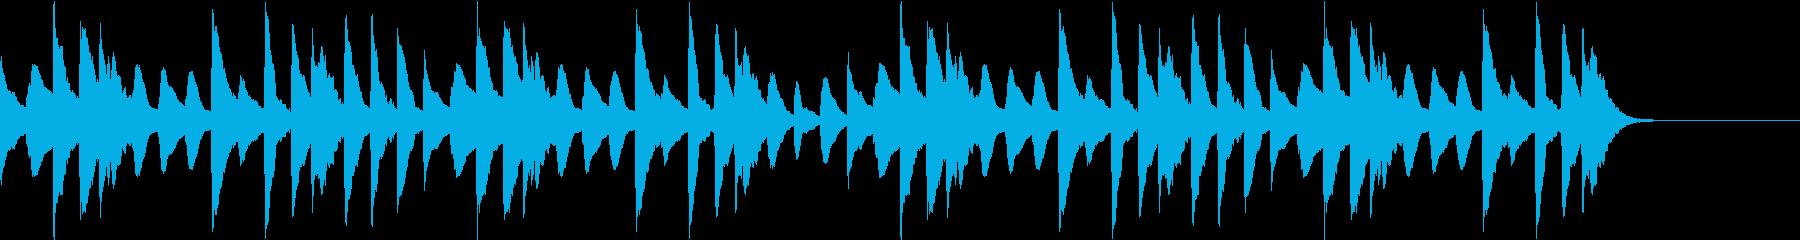 ほのぼのした日常 マリンバの再生済みの波形